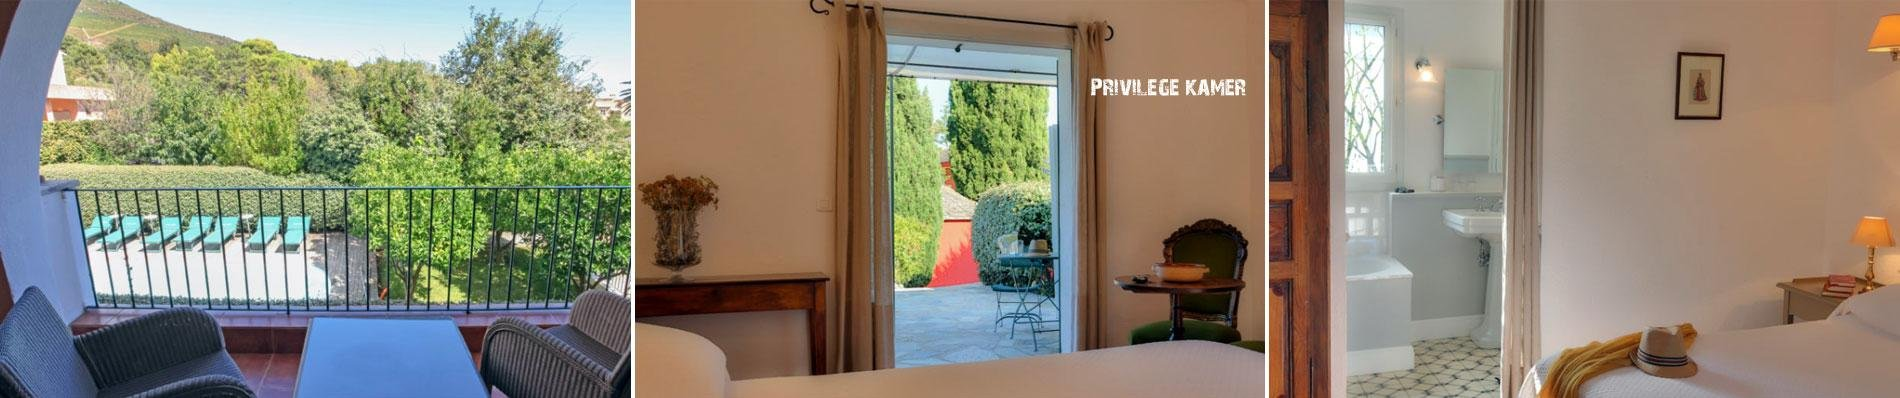 1574181310_CASTEL-BRANDO corsica